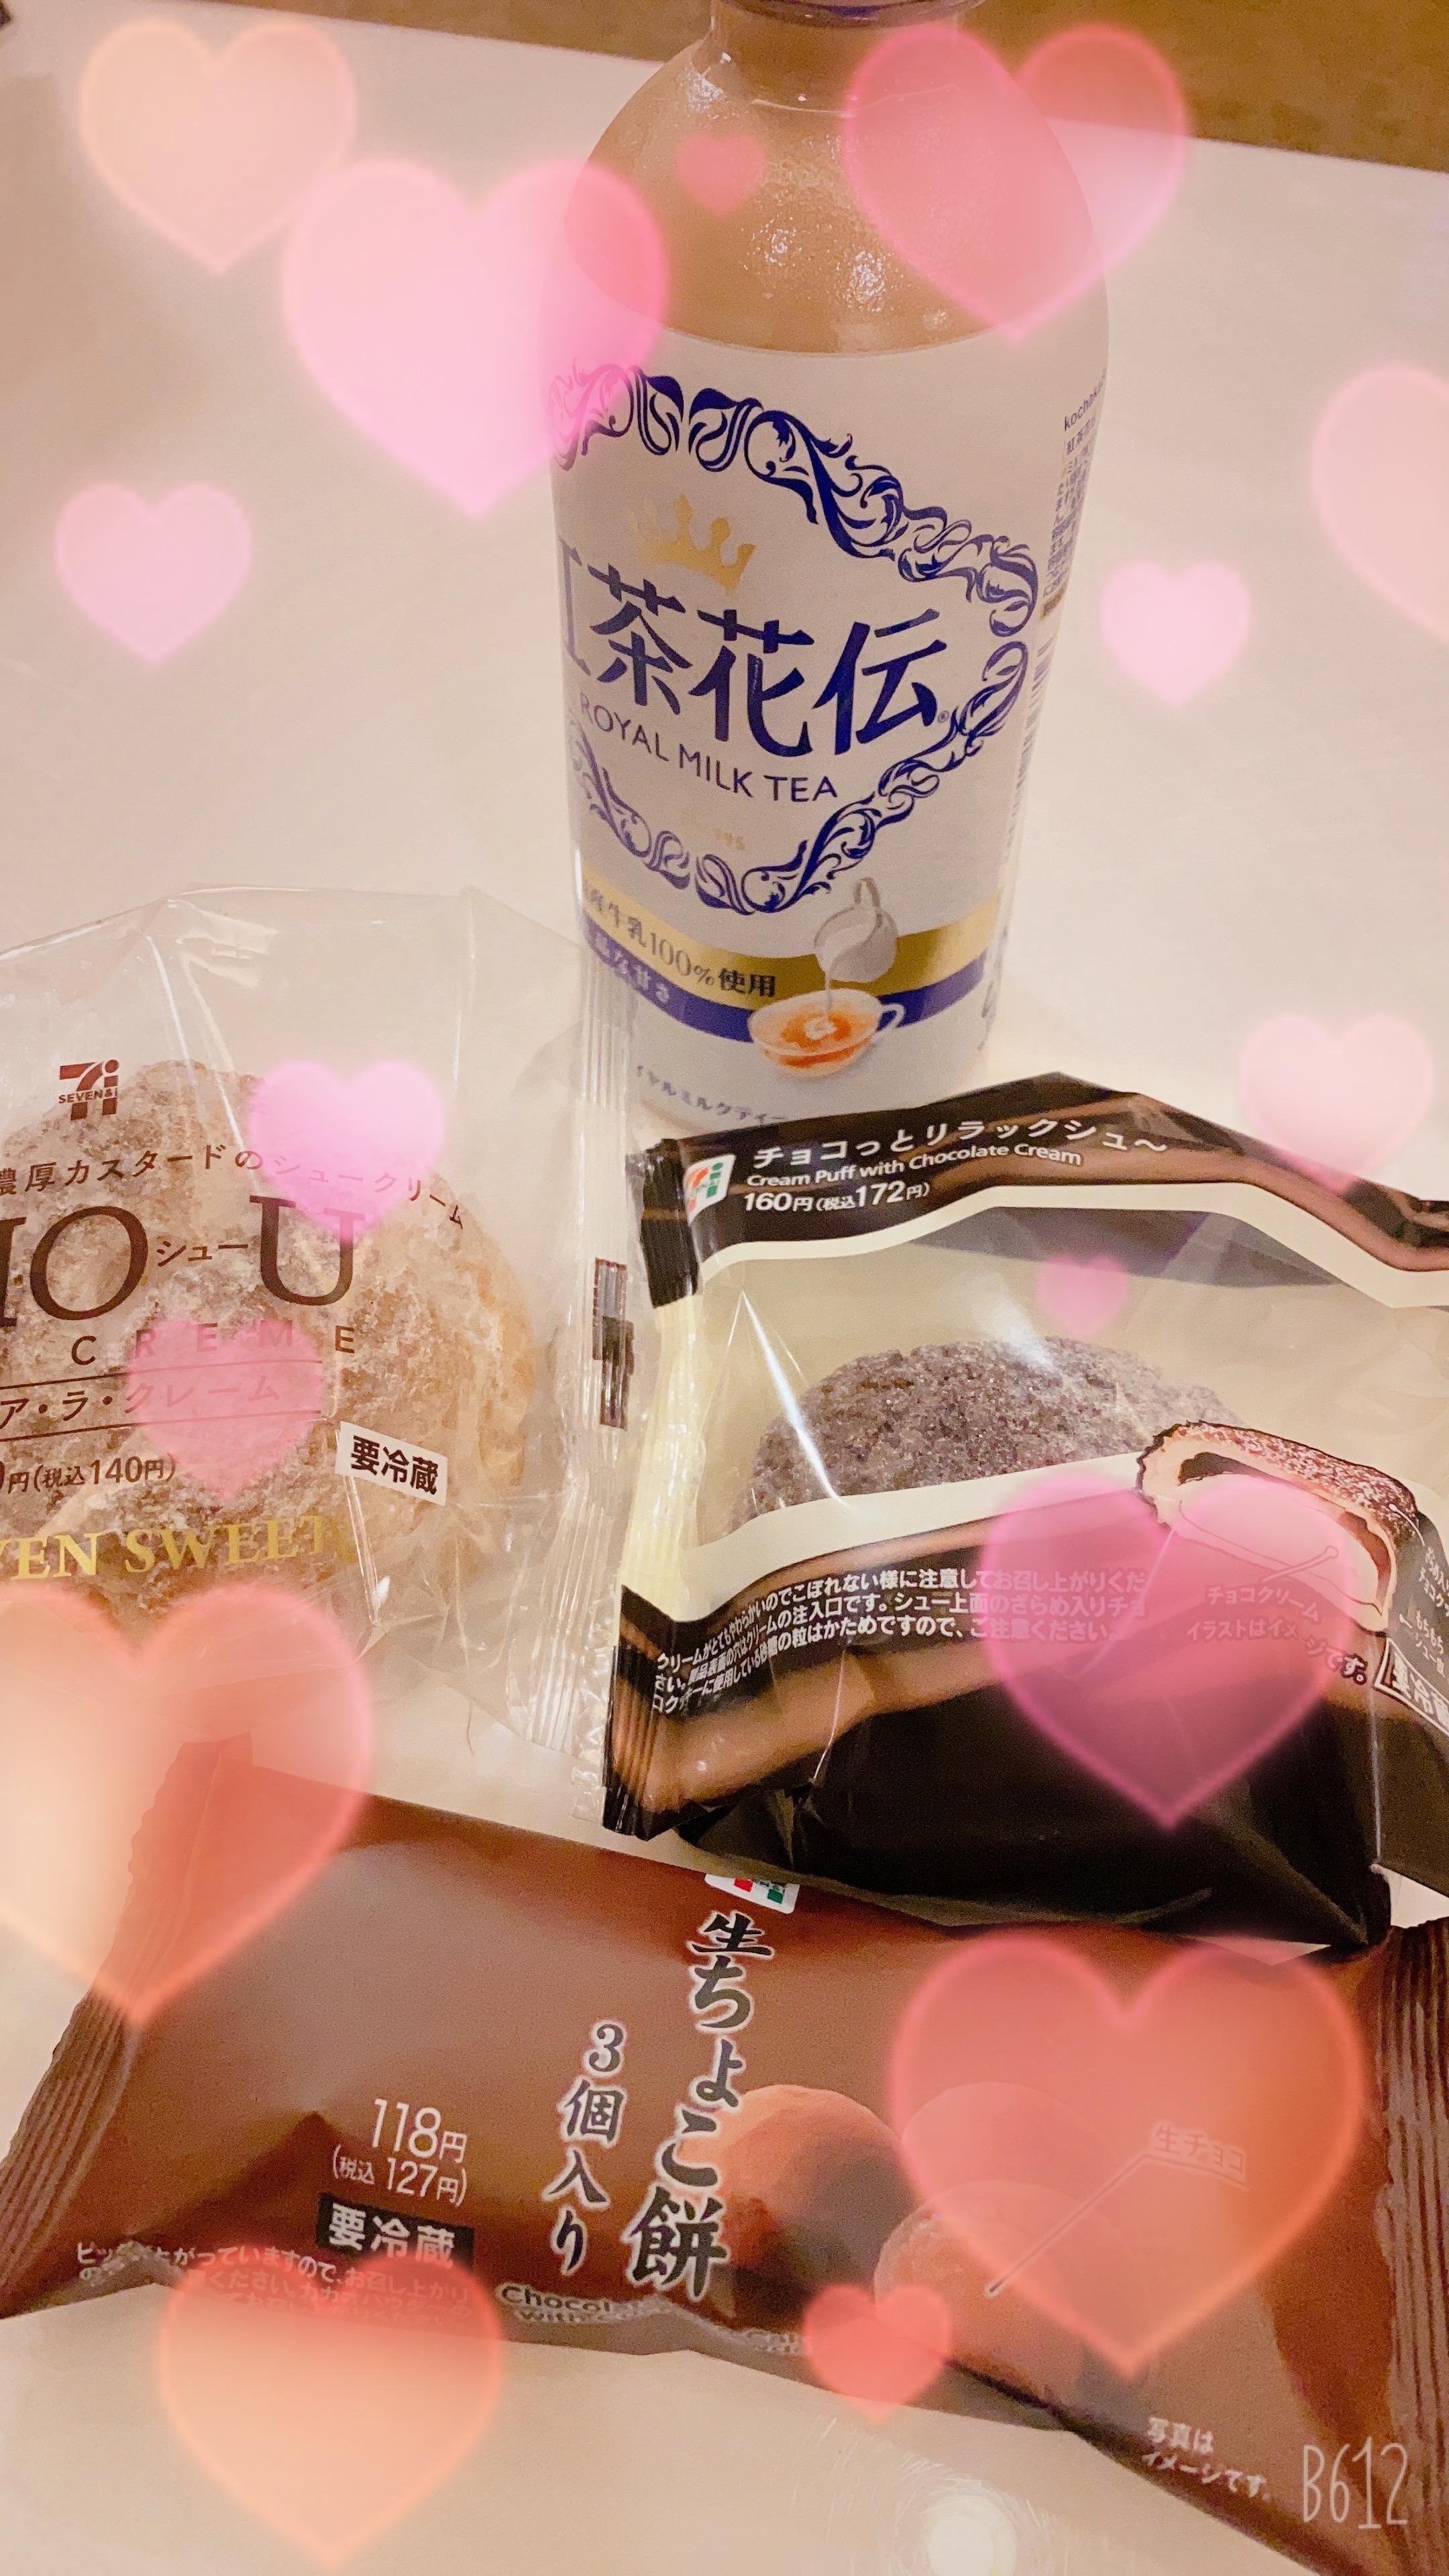 「いっぱいありがとう♡」02/26(02/26) 12:53 | みさきの写メ・風俗動画